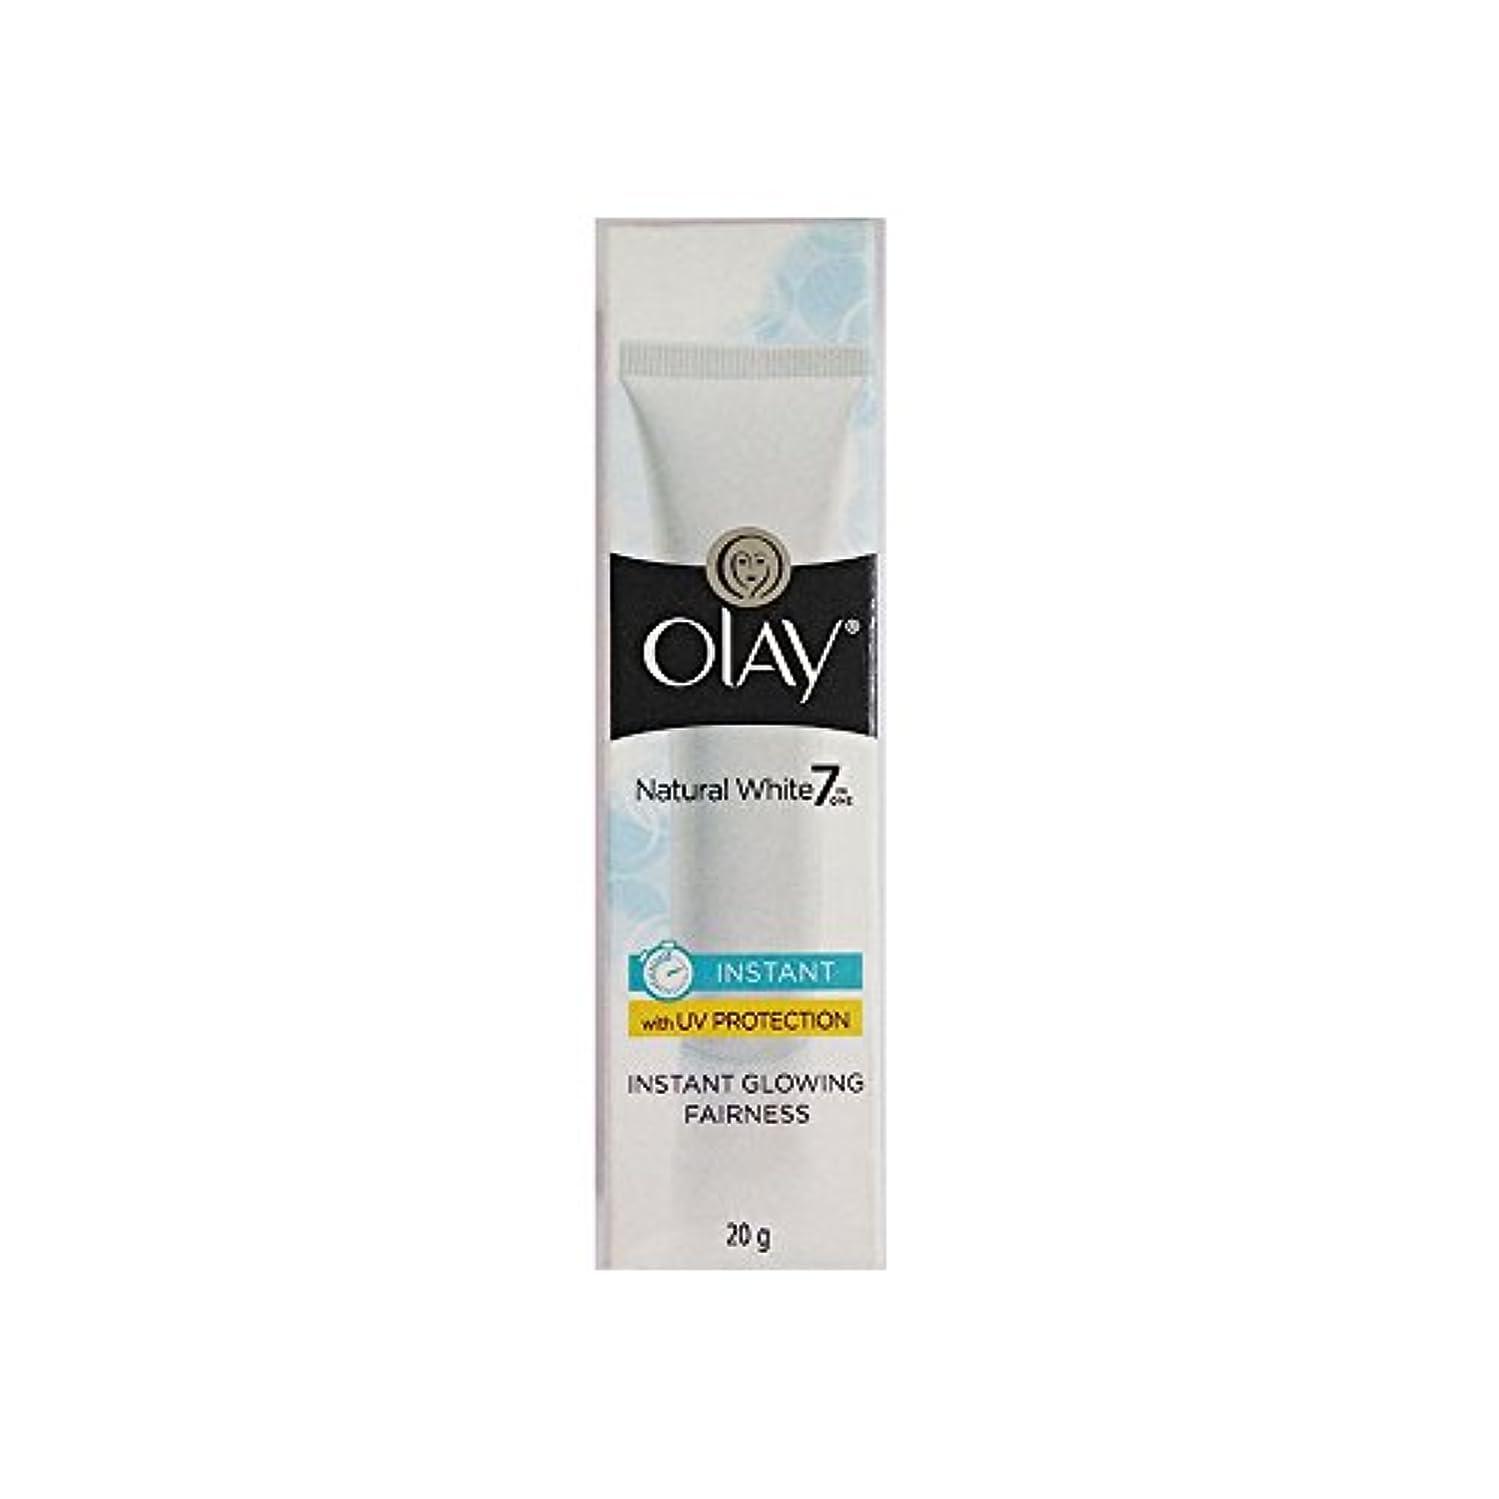 アクセスひねりフェミニンOlay Natural White Light Instant Glowing Fairness Cream, 20g